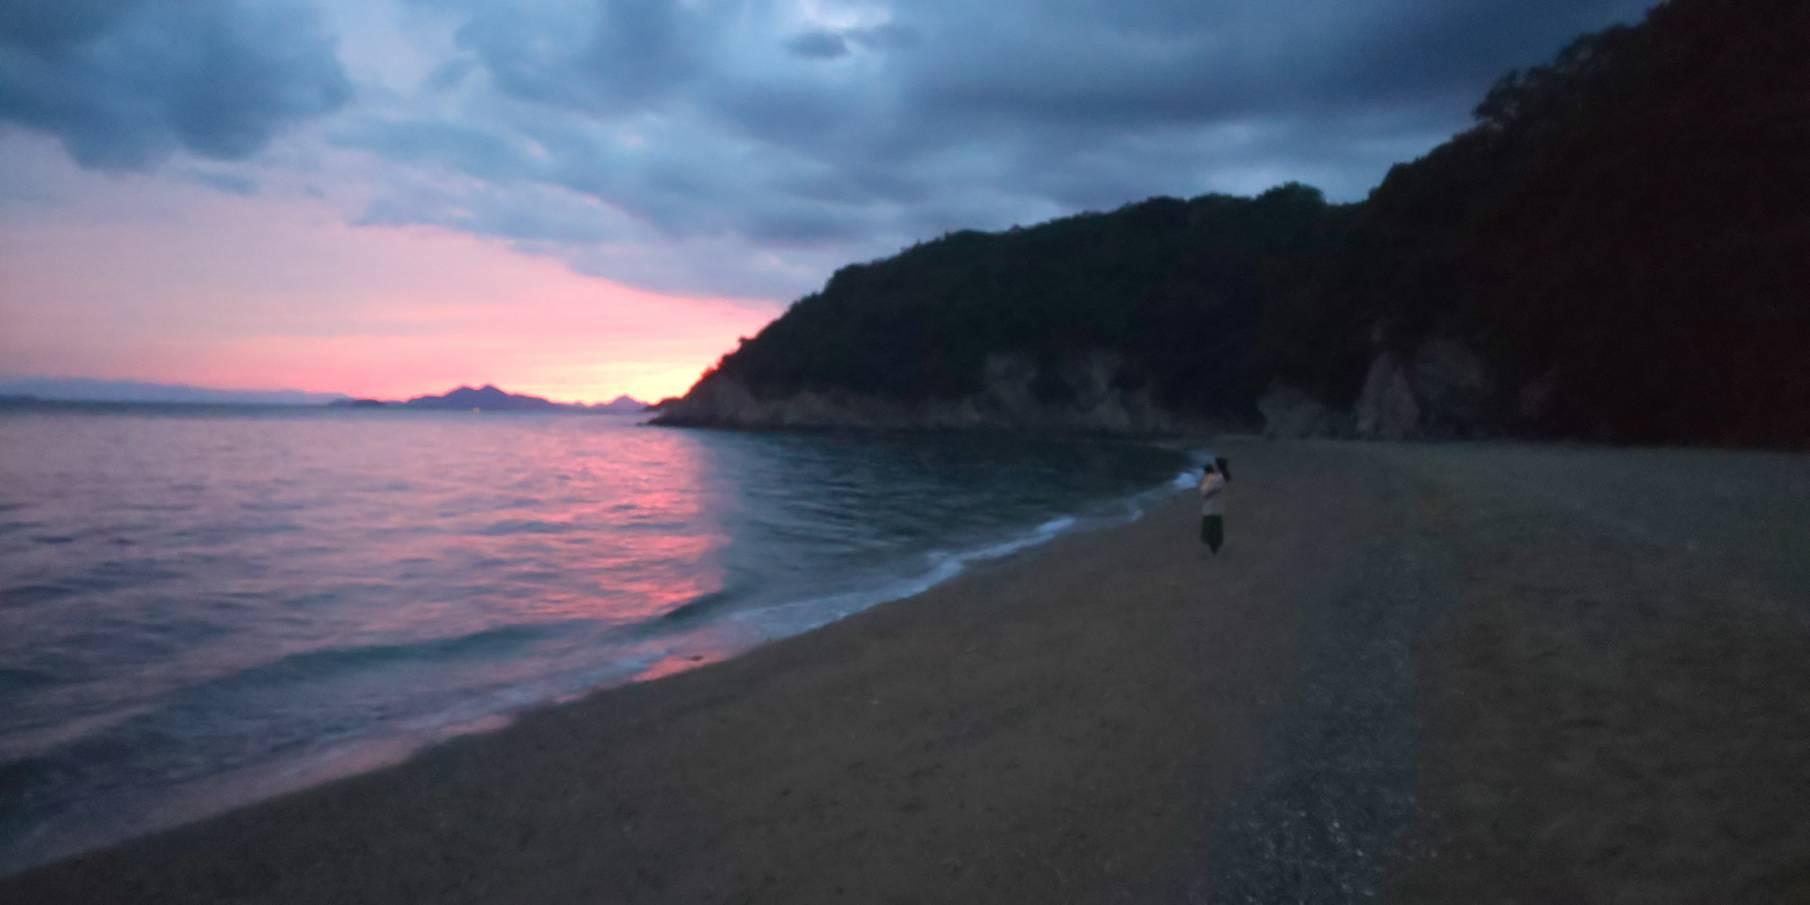 「私は海をだきしめていたい 坂口 安吾(著)」の写真